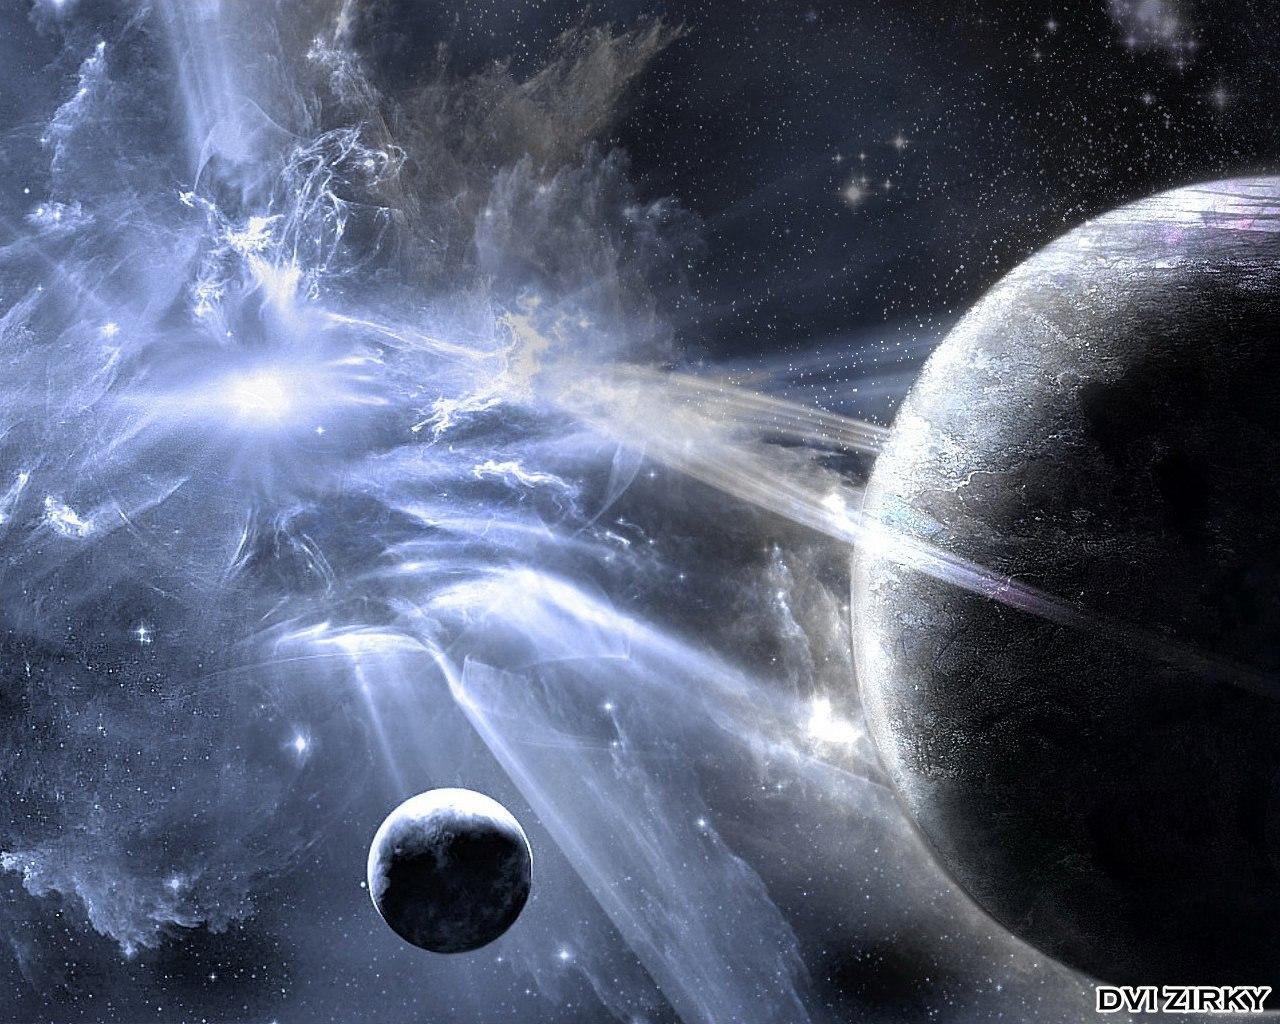 Dvi космос